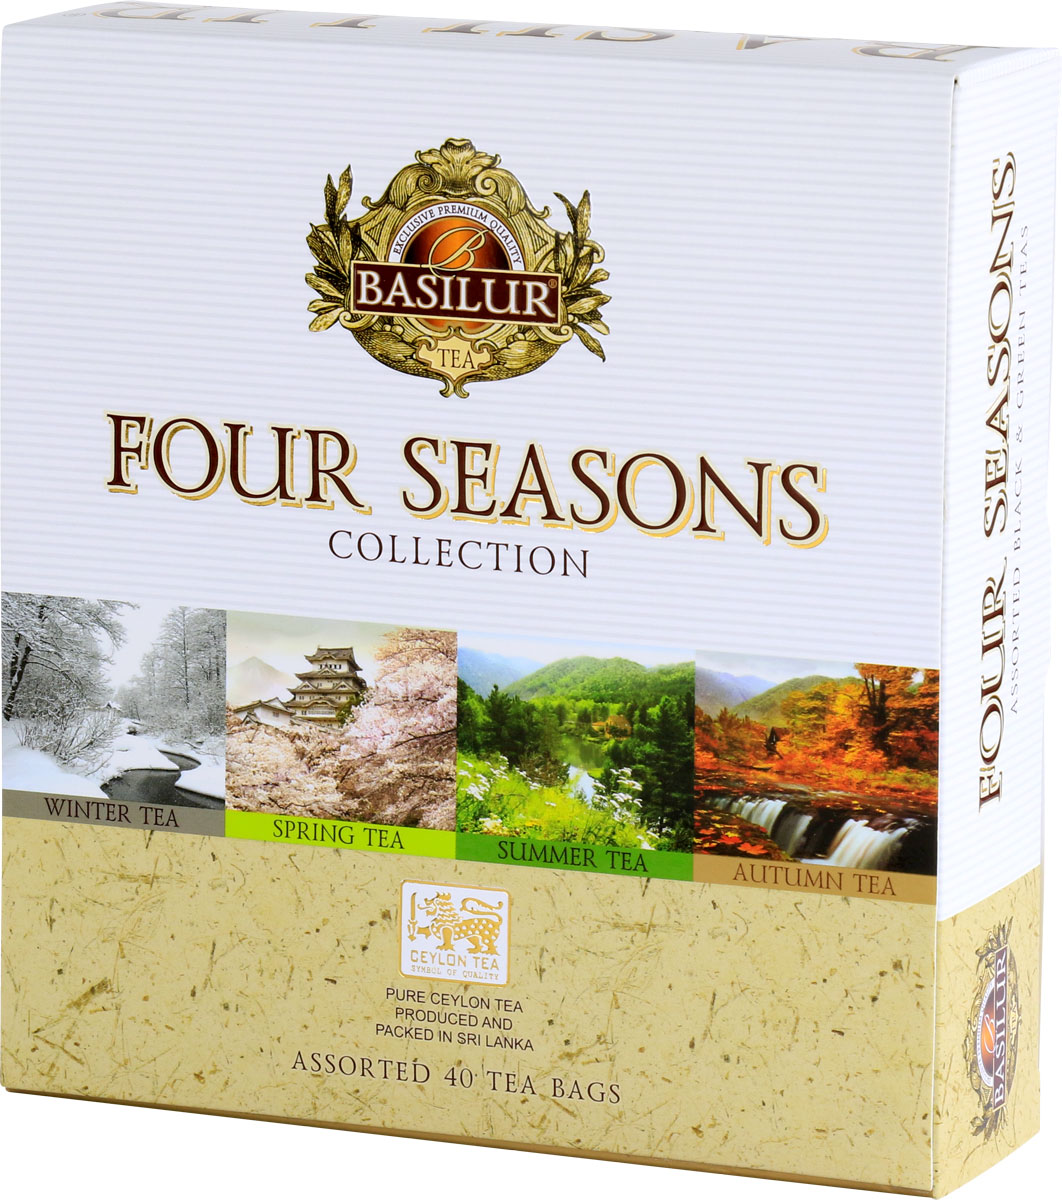 Basilur Assorted Four Seasons черный и зеленый чай в пакетиках, 40 шт цена в Москве и Питере